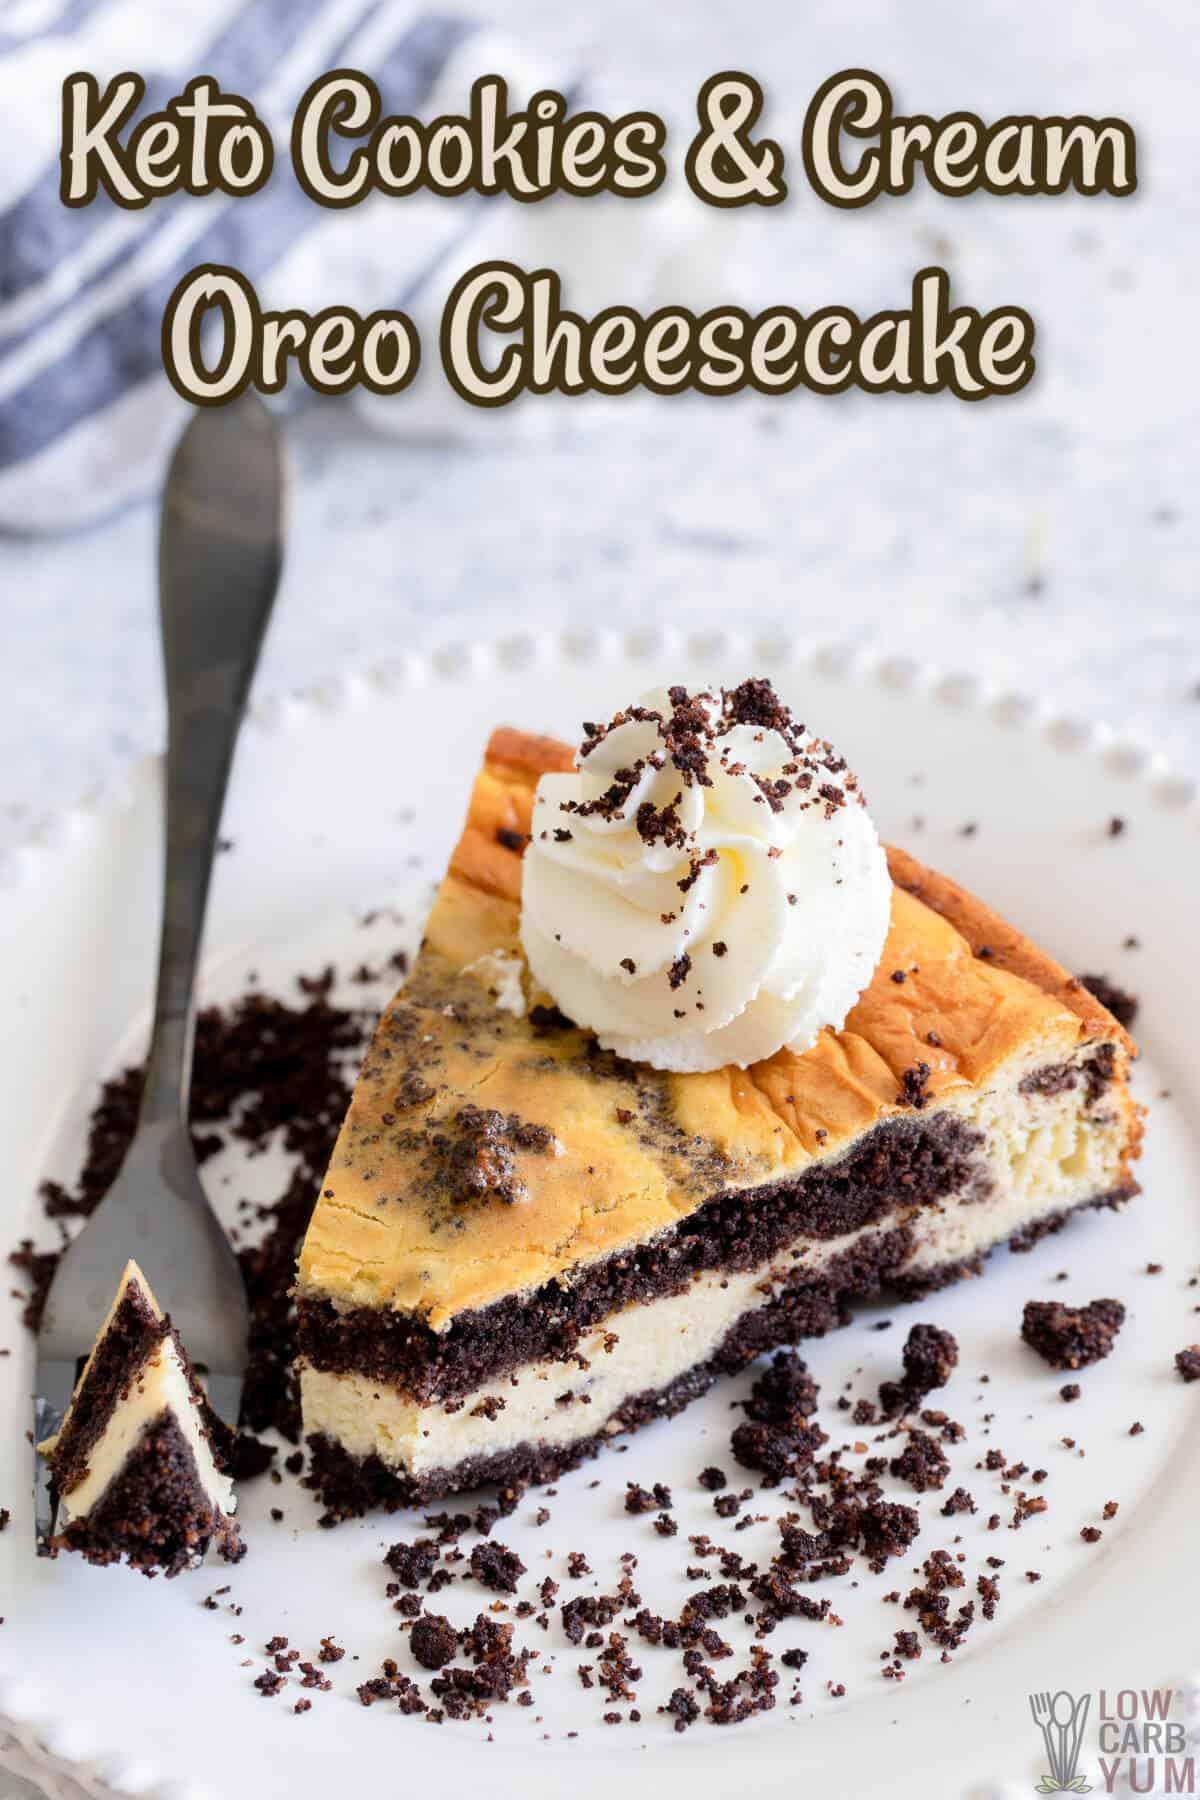 keto cookies and cream oreo cheesecake recipe cover image